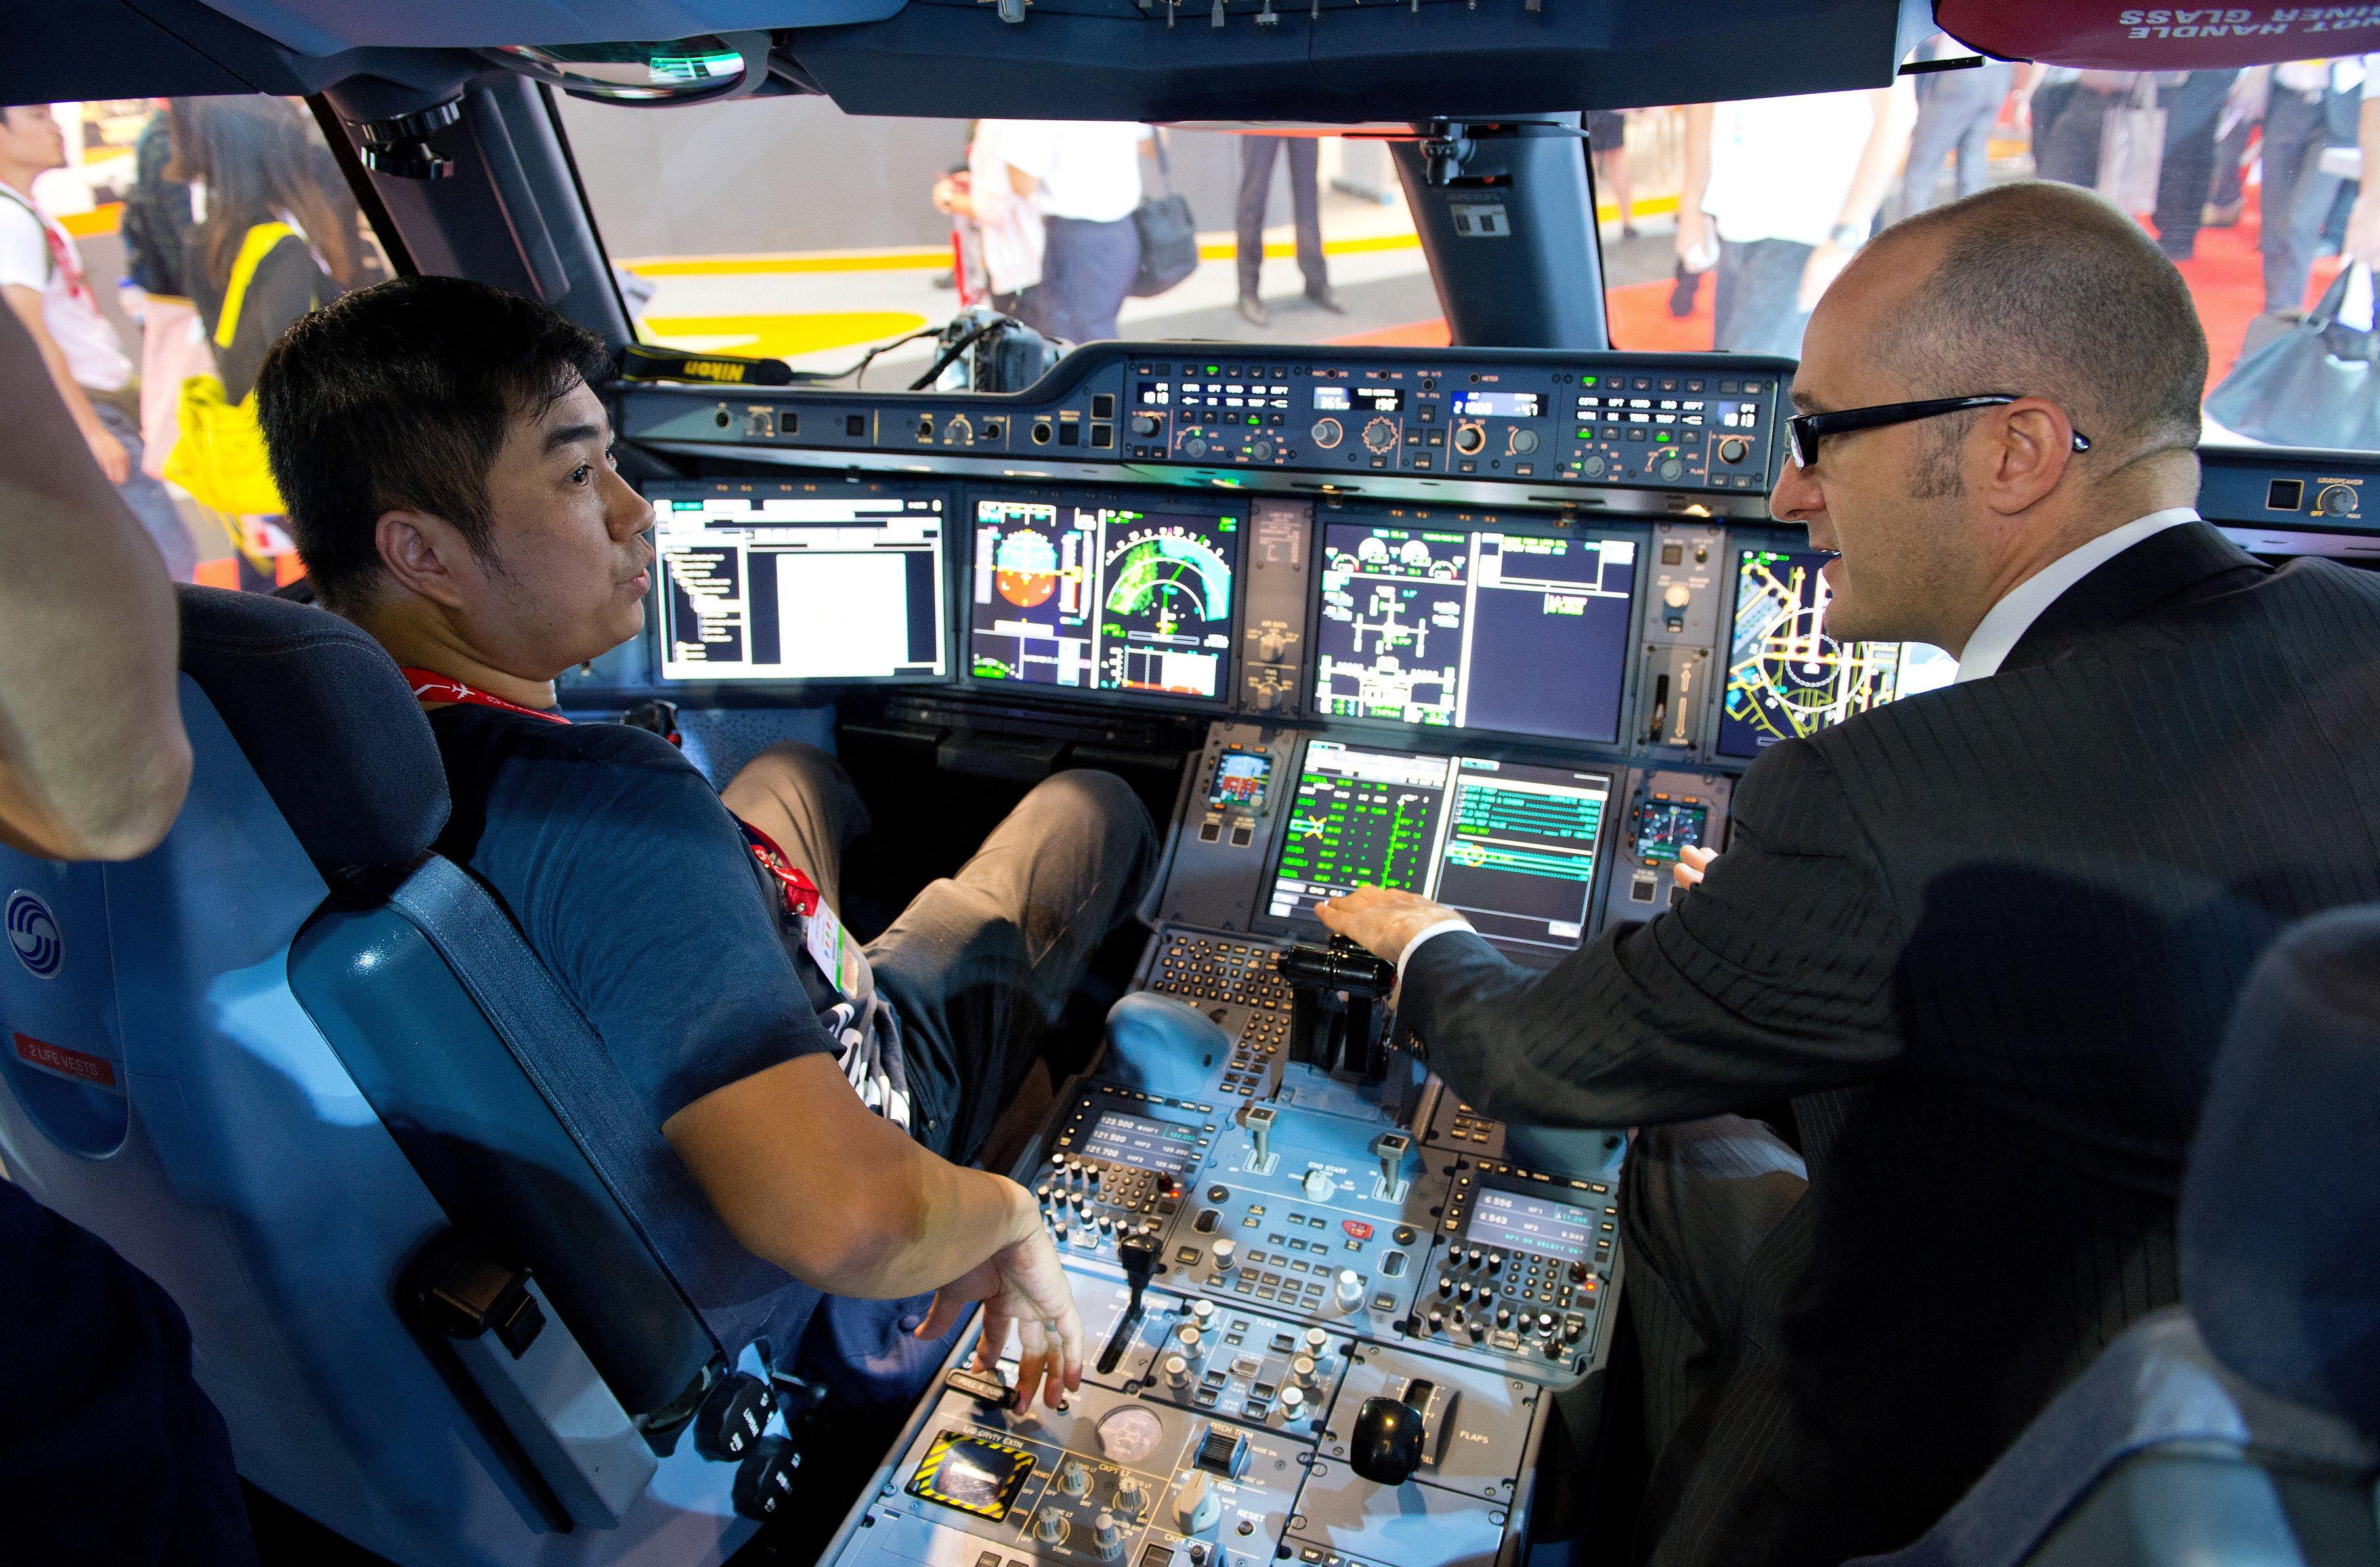 Das Interesse der Menschen auf der Singapur Air Show ist groß: Obwohl die Luftfahrtschau erst zum vierten Mal stattfindet, ist sie schon die größte Luftfahrtmesse Asiens.